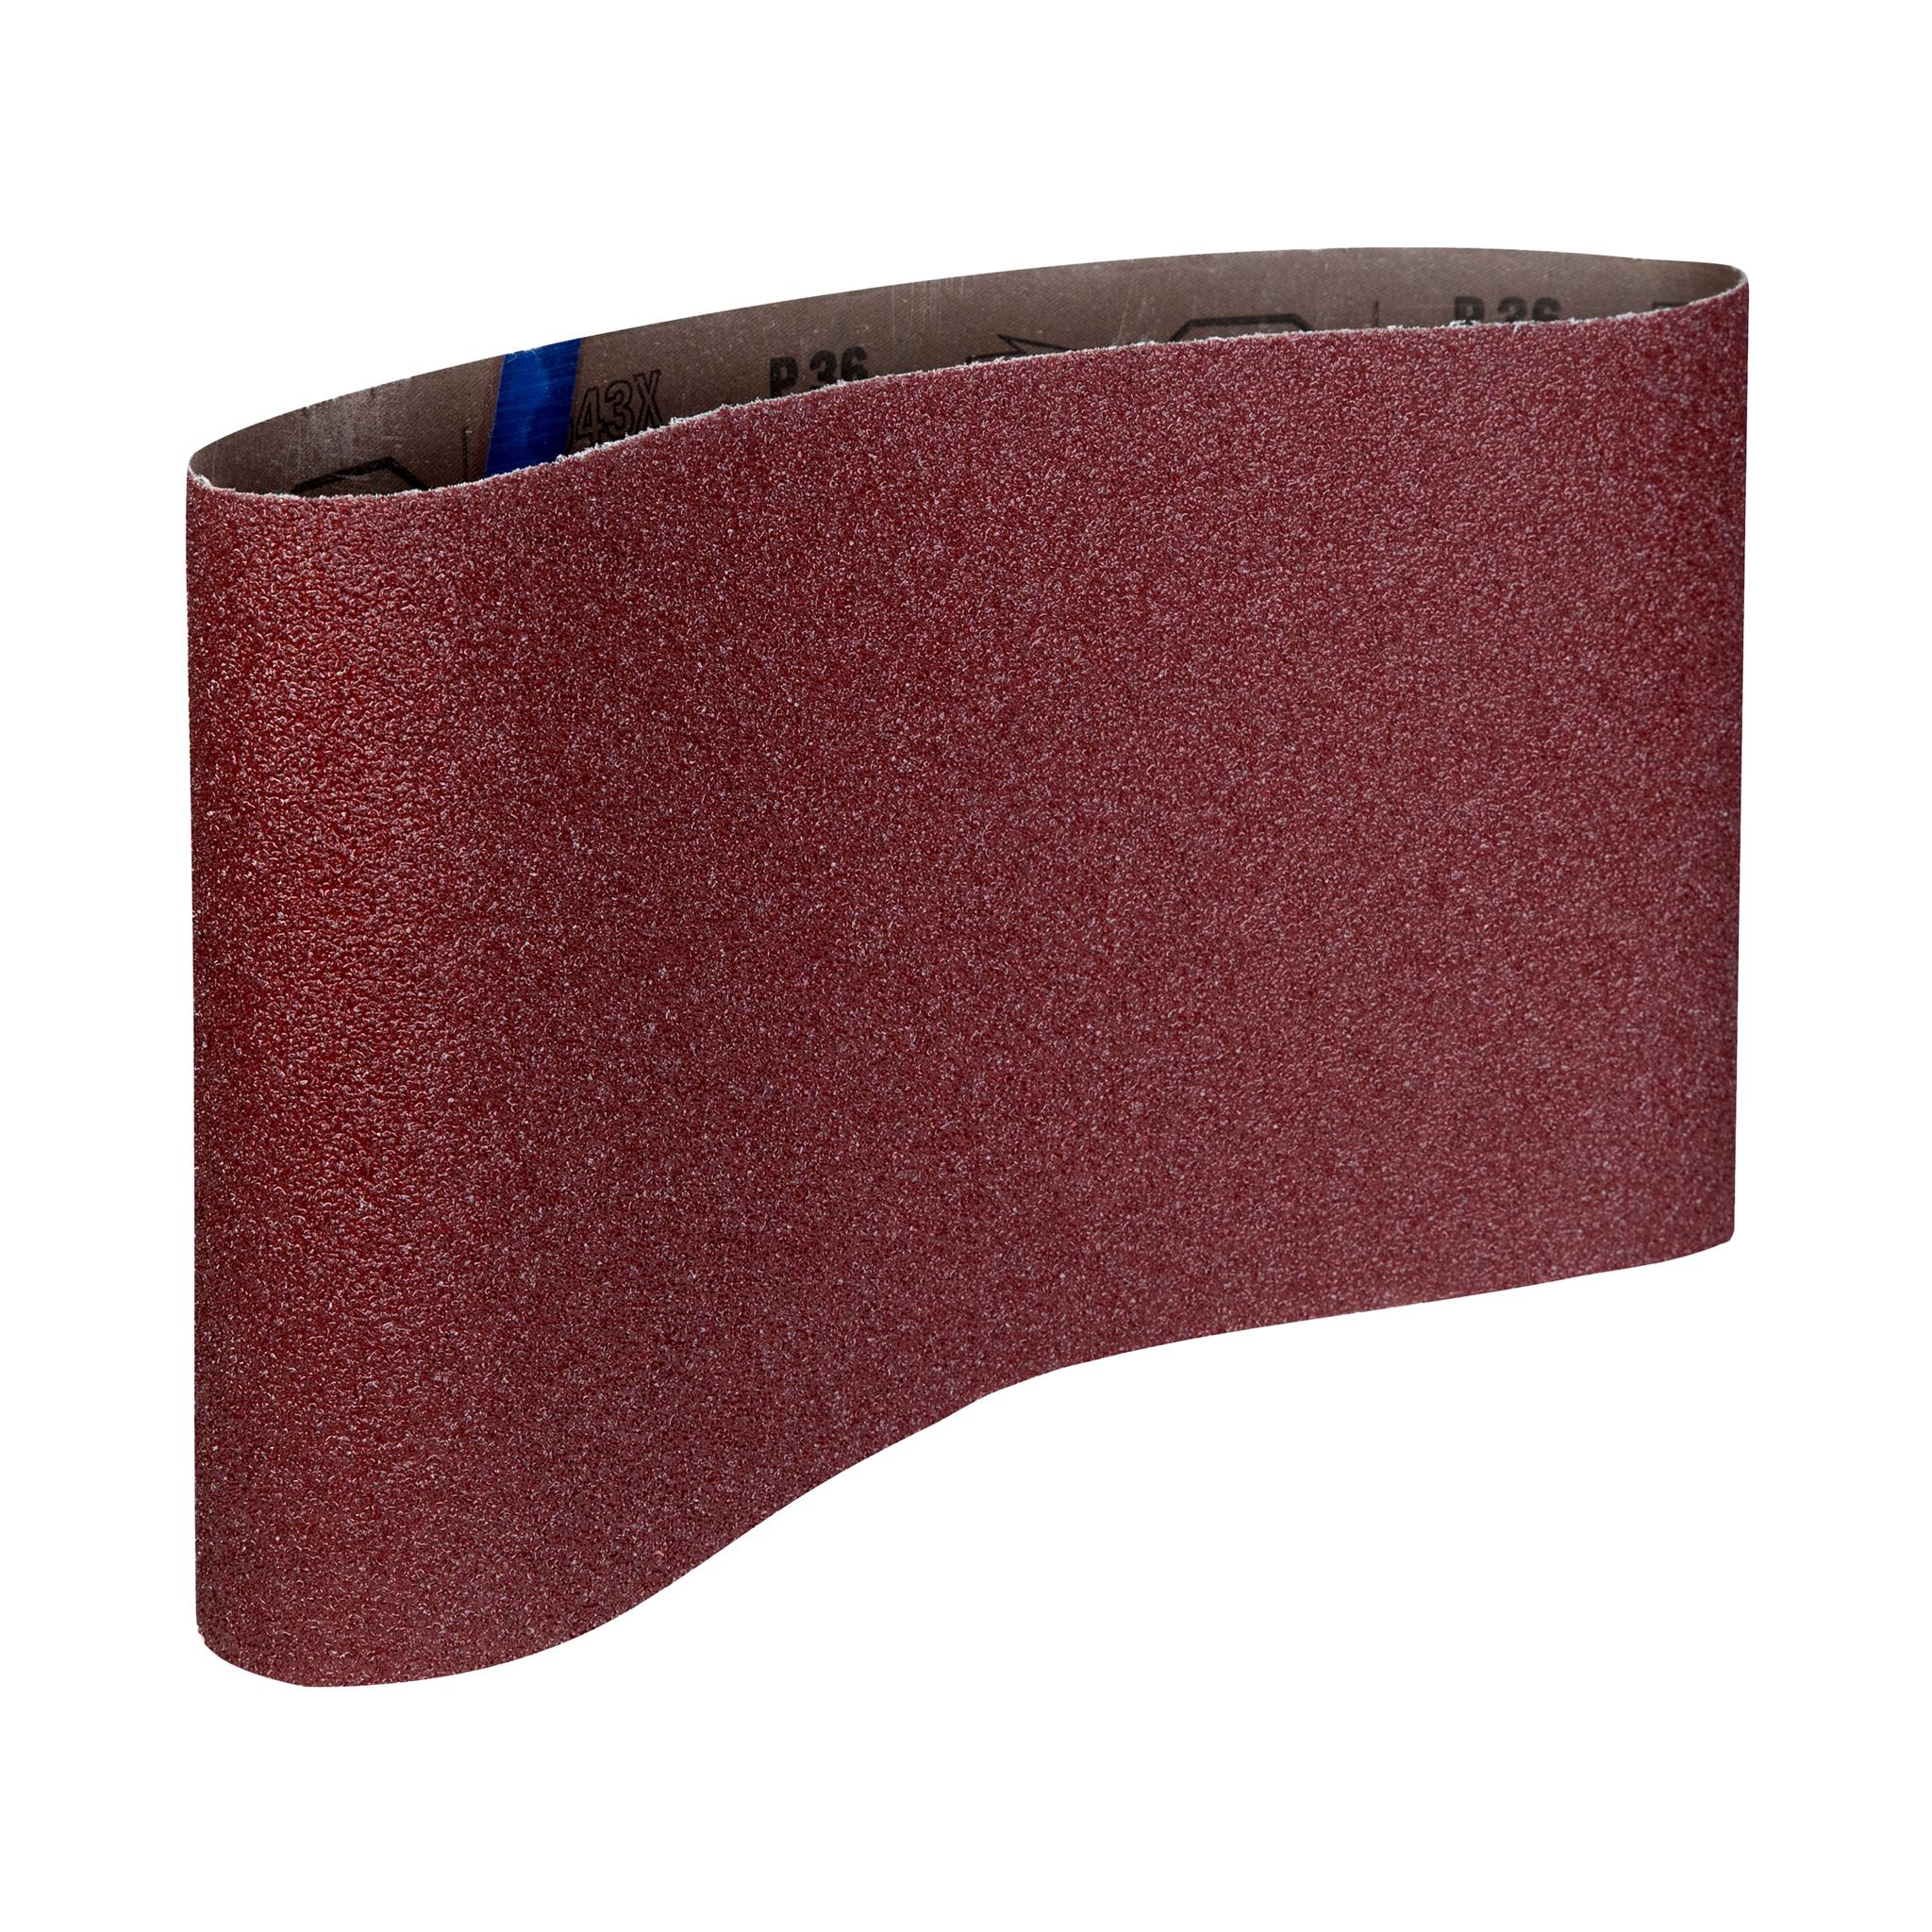 K 16 PARAT Belts Schleifband 200x750mm